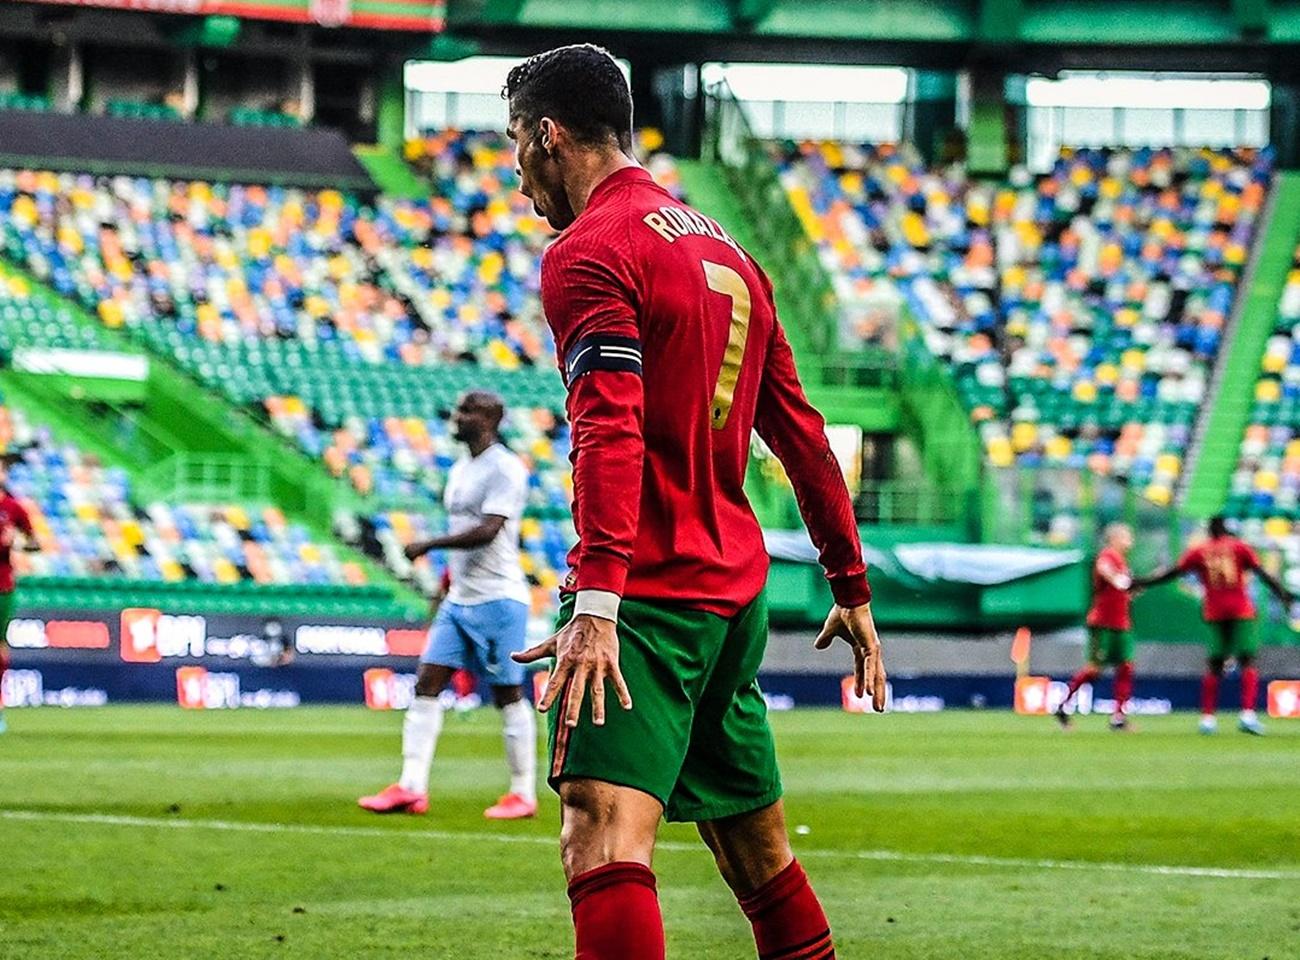 Θέλει και αυτό το Euro με την Πορτογαλία ο Κριστιάνο!